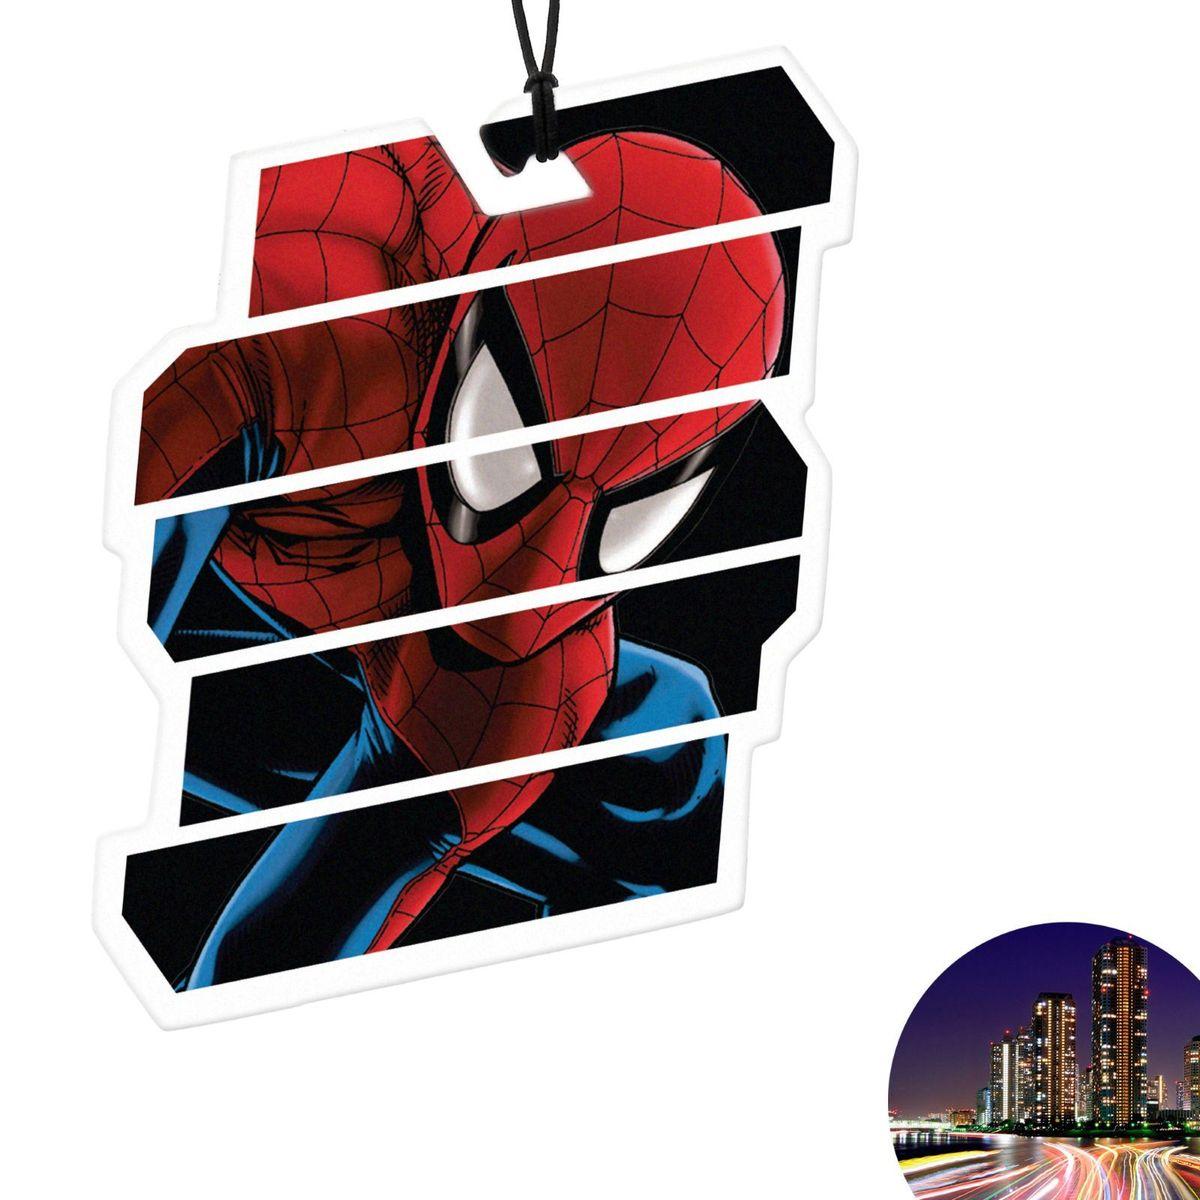 Ароматизатор автомобильный Marvel Spiderman 1. Ночной мегаполис, 8,9 х 15,9 см1149010Яркость в серые городские будни и скучную езду по пробкам добавит ароматизатор Marvel Spiderman 1. Ночной мегаполис. В нем сочетаются эксклюзивный дизайн и приятный аромат. Если у вас нет автомобиля - не беда! Повесьте ароматизатор дома или на работе и наслаждайтесь чудесным благоуханием.